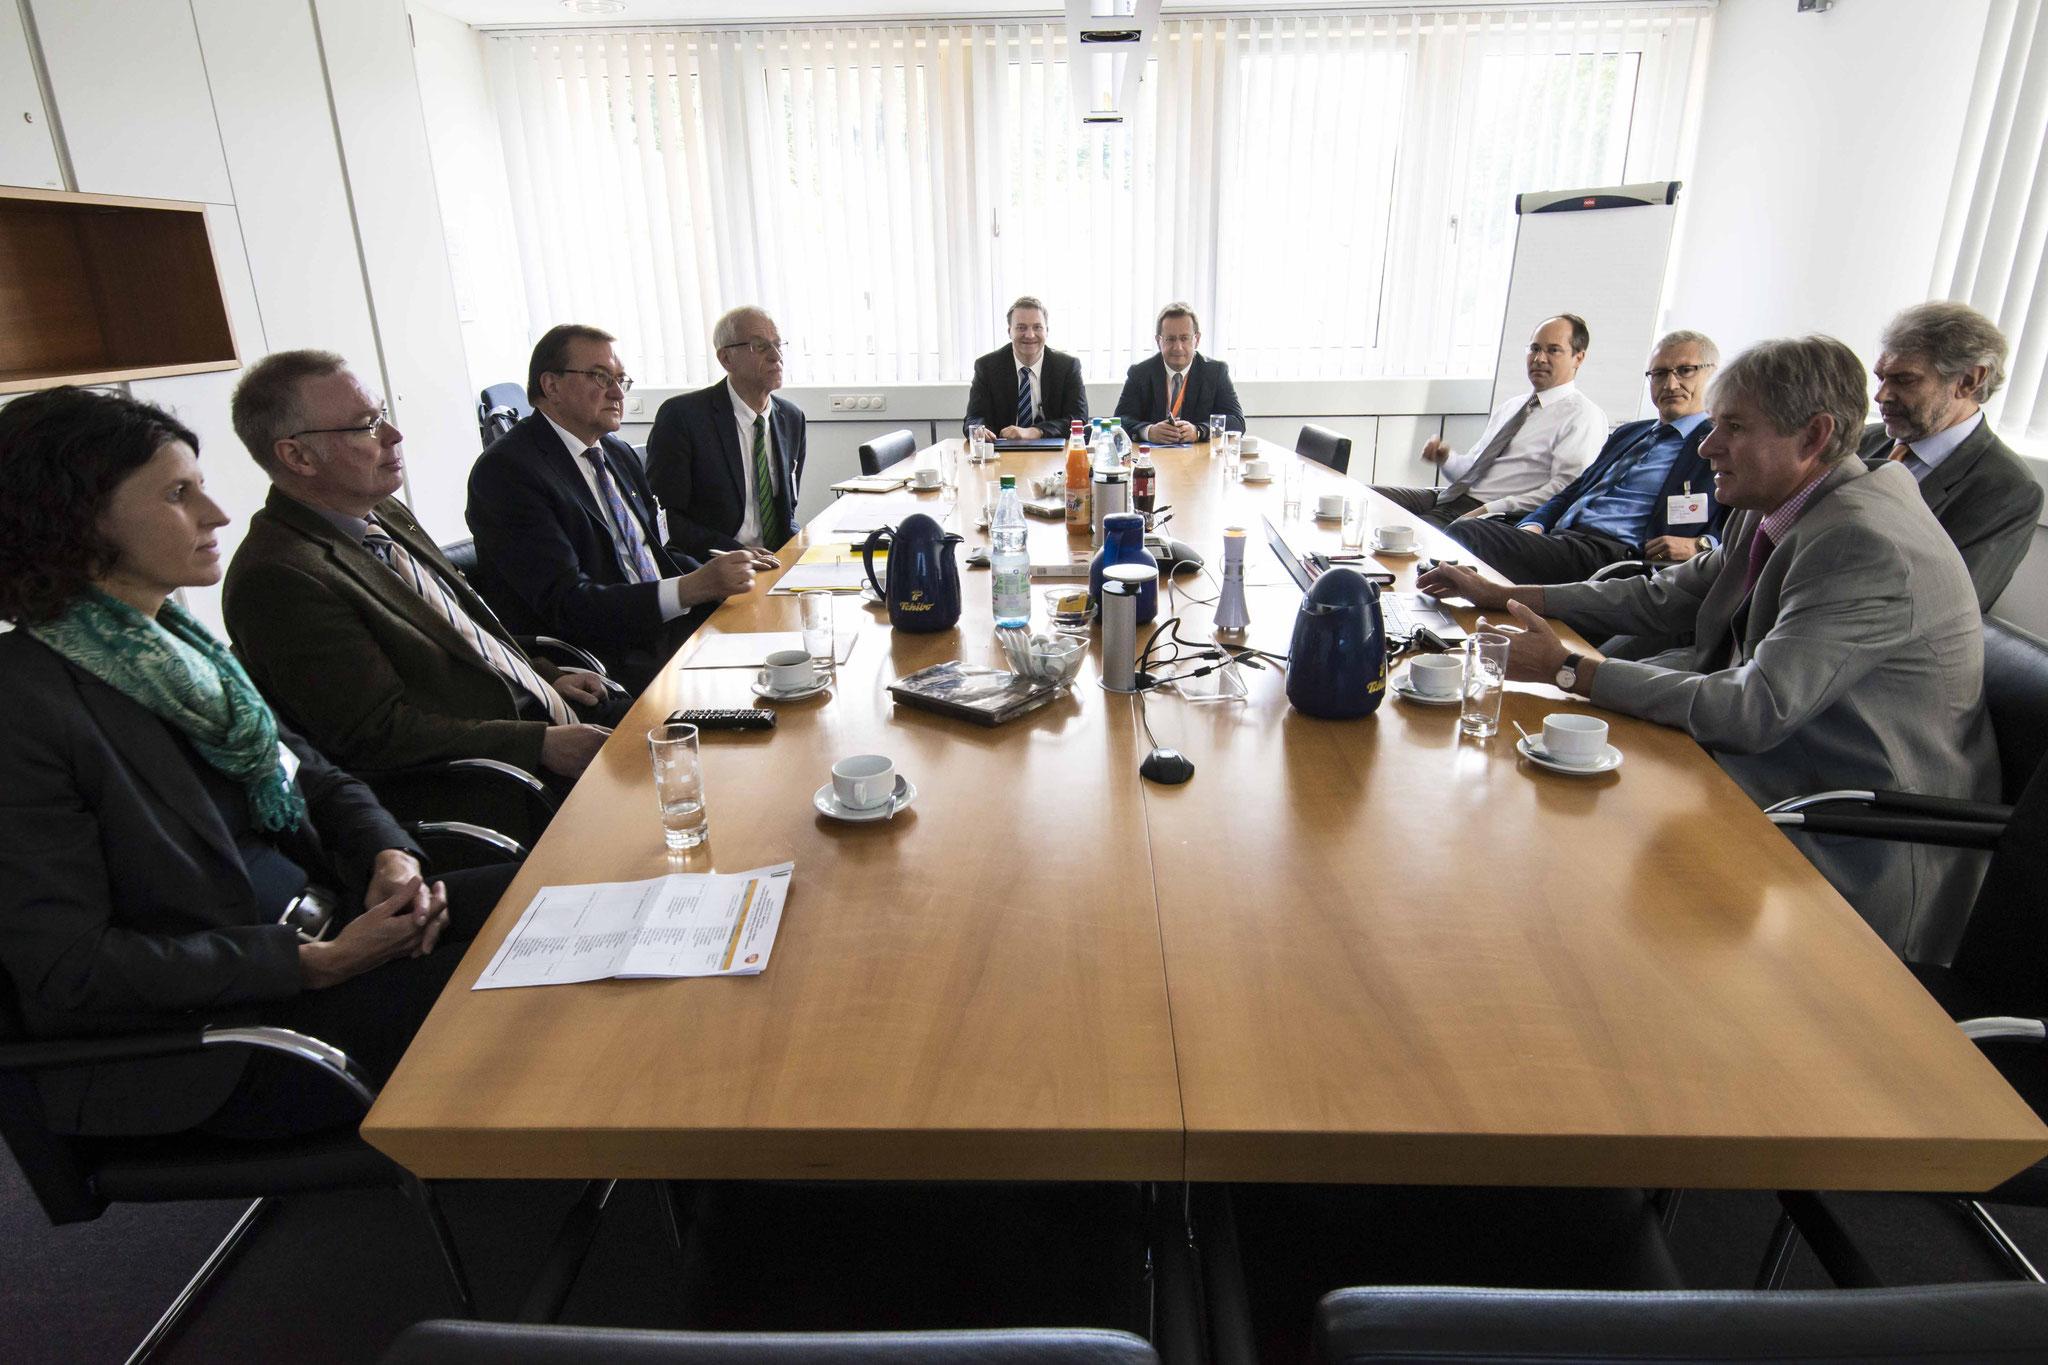 Treffen mit der Geschäftsführung von GlaxoSmithKline: Mario Zörb (Personalabteilungsleiter hinten v.ln.r.), Pedro Diaz Kraus (Leiter Gesundheit, Christoph Hungerer, Dr. Volker Husslein (2.v.r.), Jochen Reutter (vorne rechts)